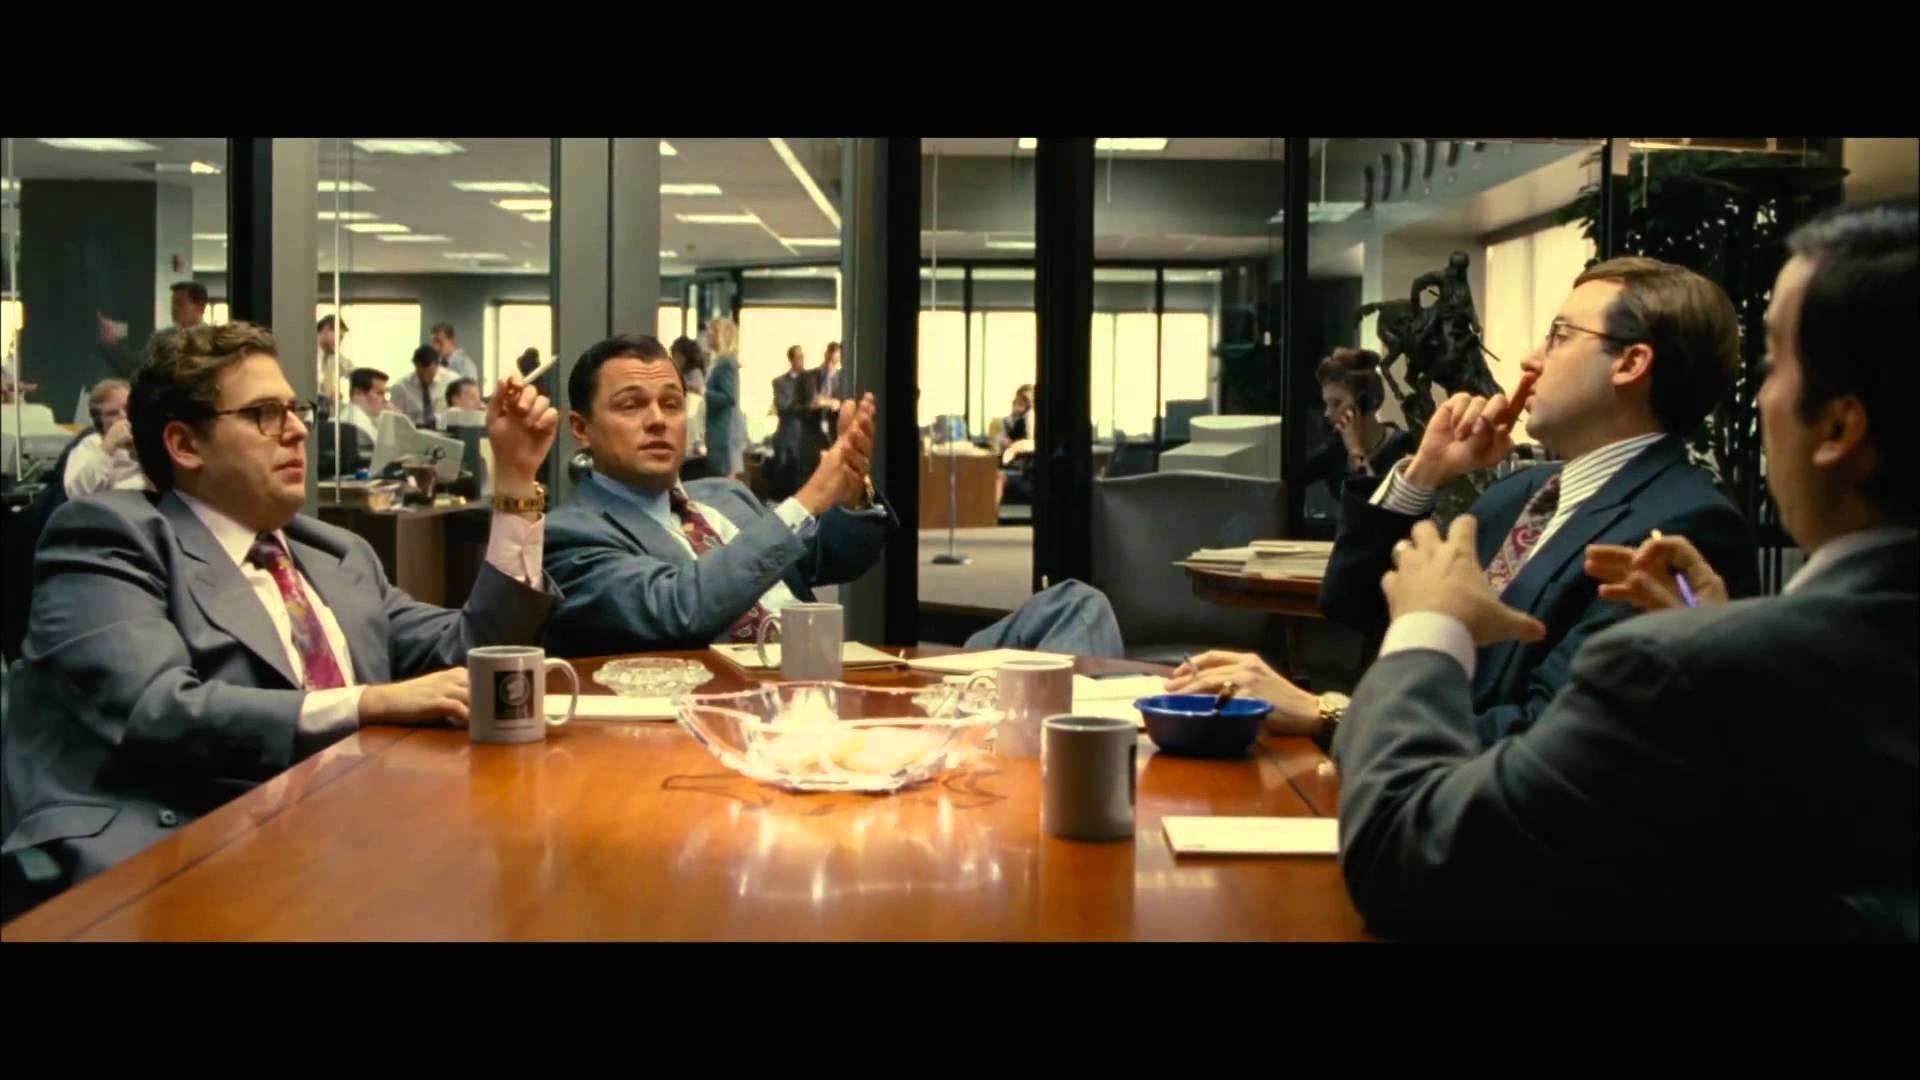 El lobo de Wall Street (The Wolf of Wall Street) РTrailer espa̱ol HD Р YouTube